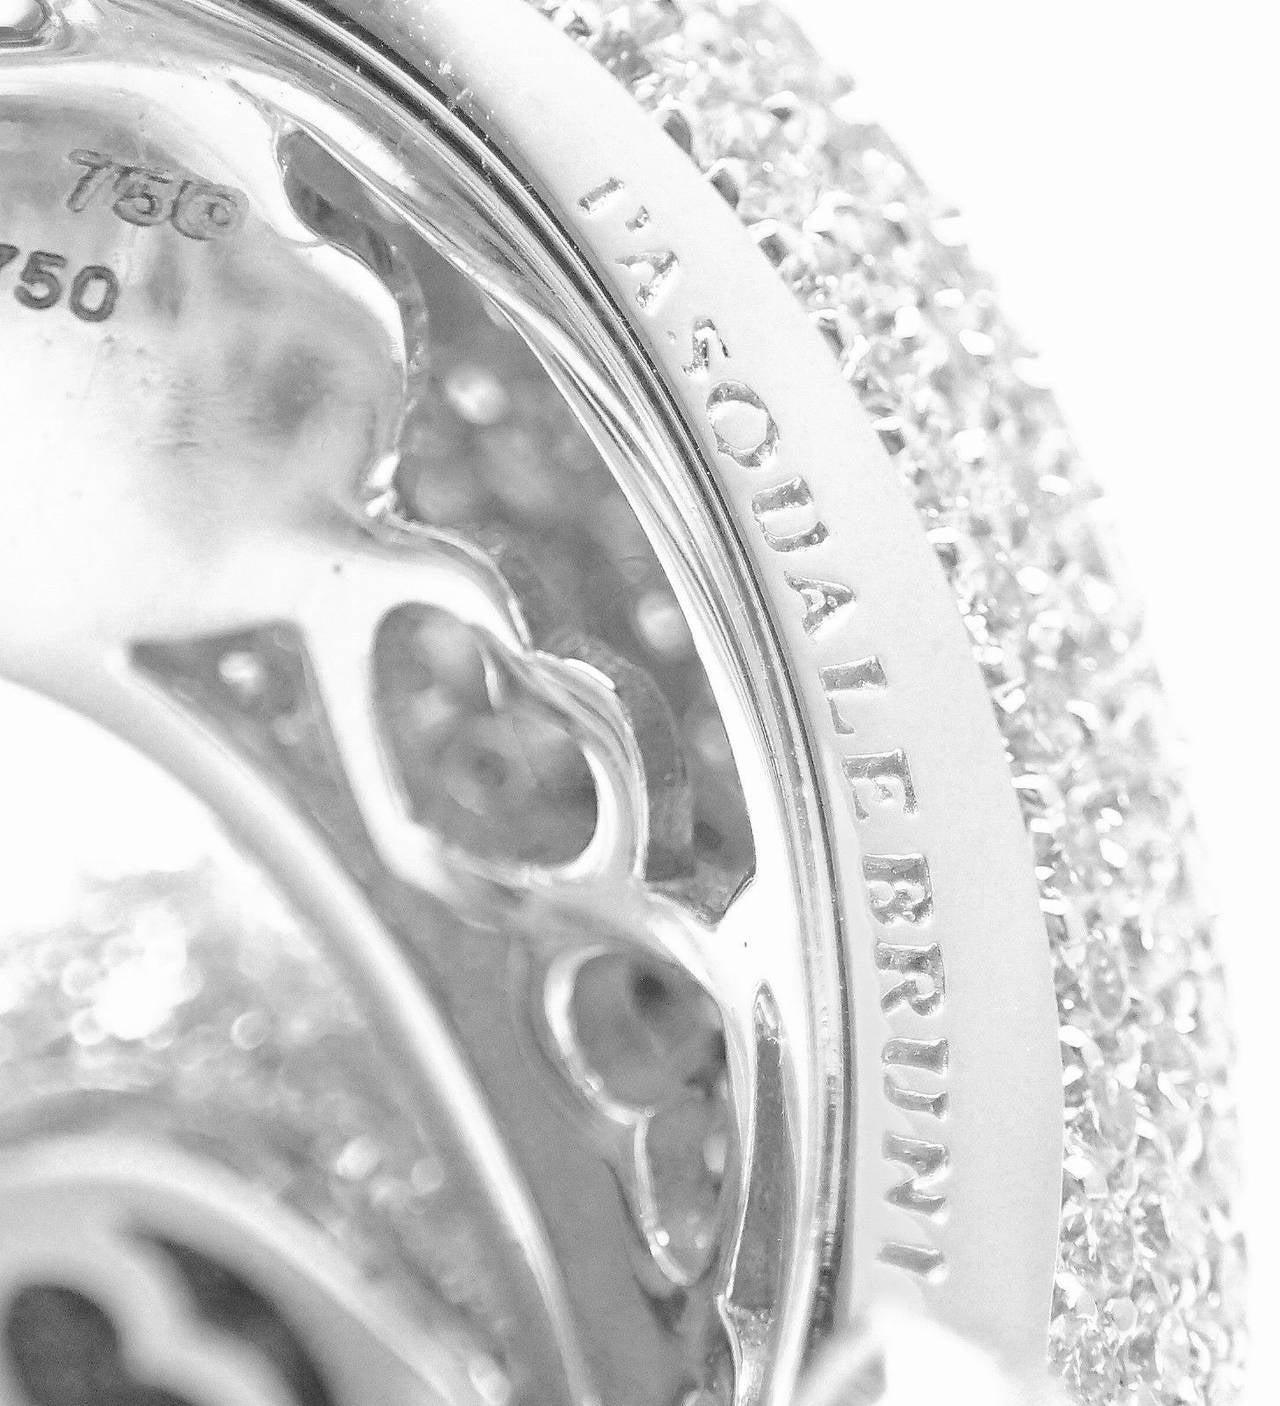 Pasquale Bruni IL PECCATO Diamond Snake White Gold Ring For Sale 2